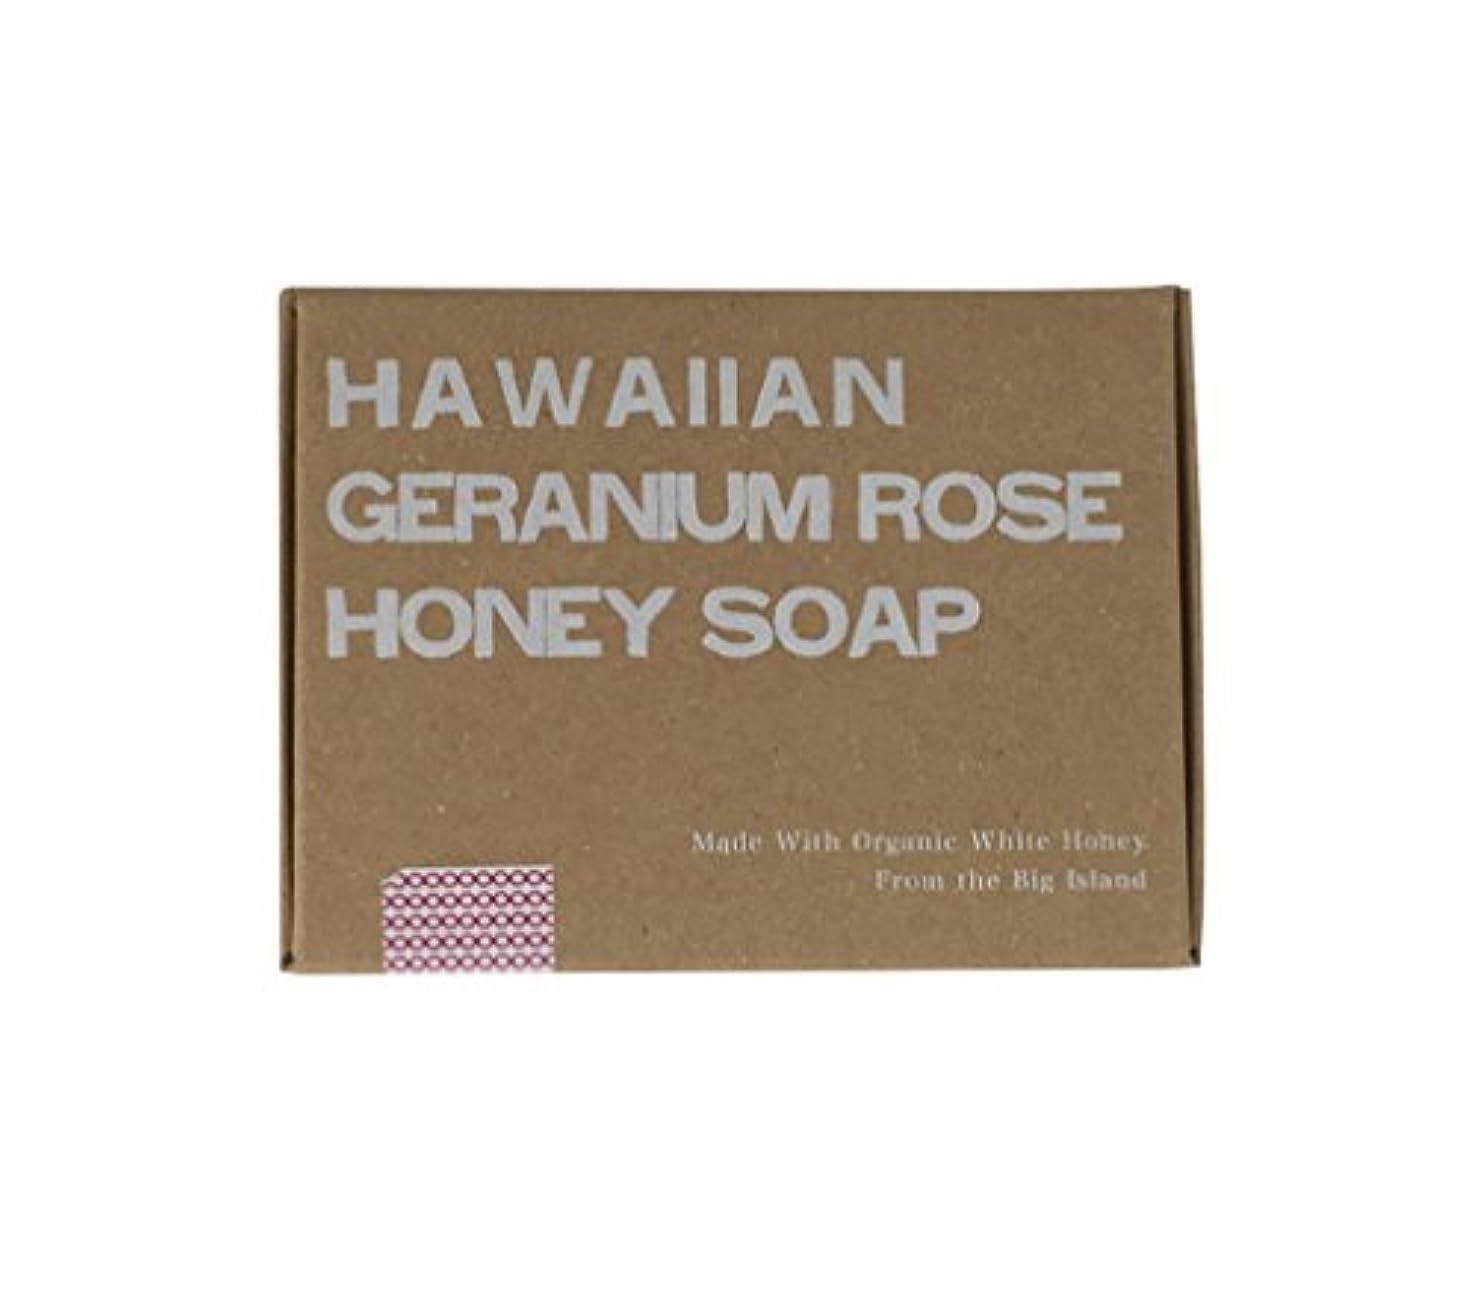 テレックス性格いうホワイトハニーオーガニクス ハワイアン?ゼラニウムローズ?ハニーソープ (Hawaiian Geranium Rose Honey Soap)